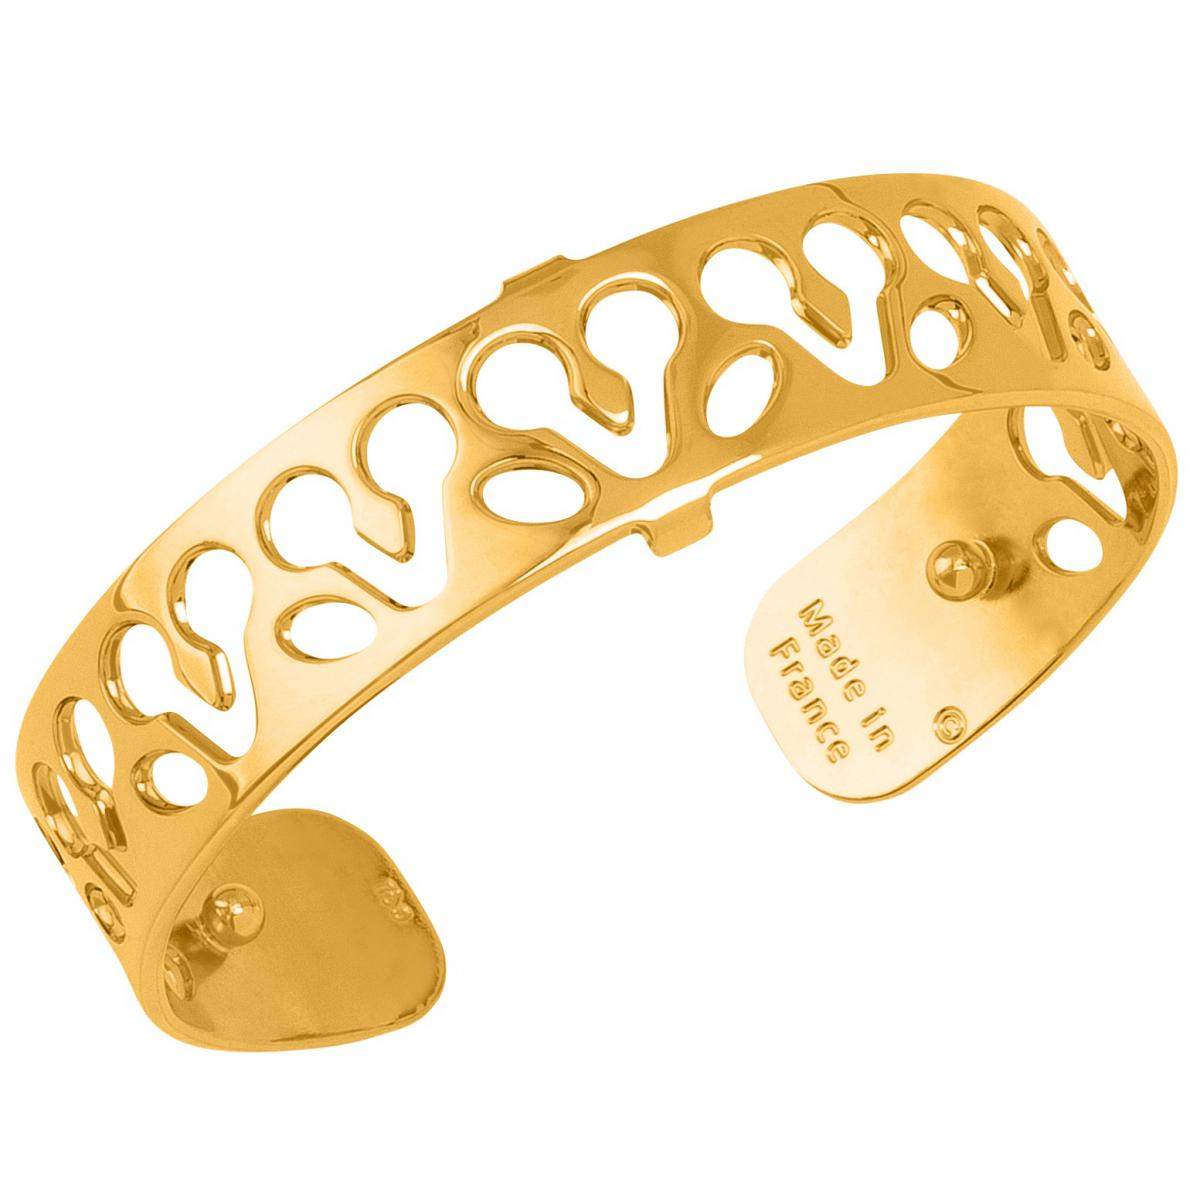 Bracelet Les Georgettes 70316431900000 Miss Doré Cerise 12 mm Fille Plus d'infos